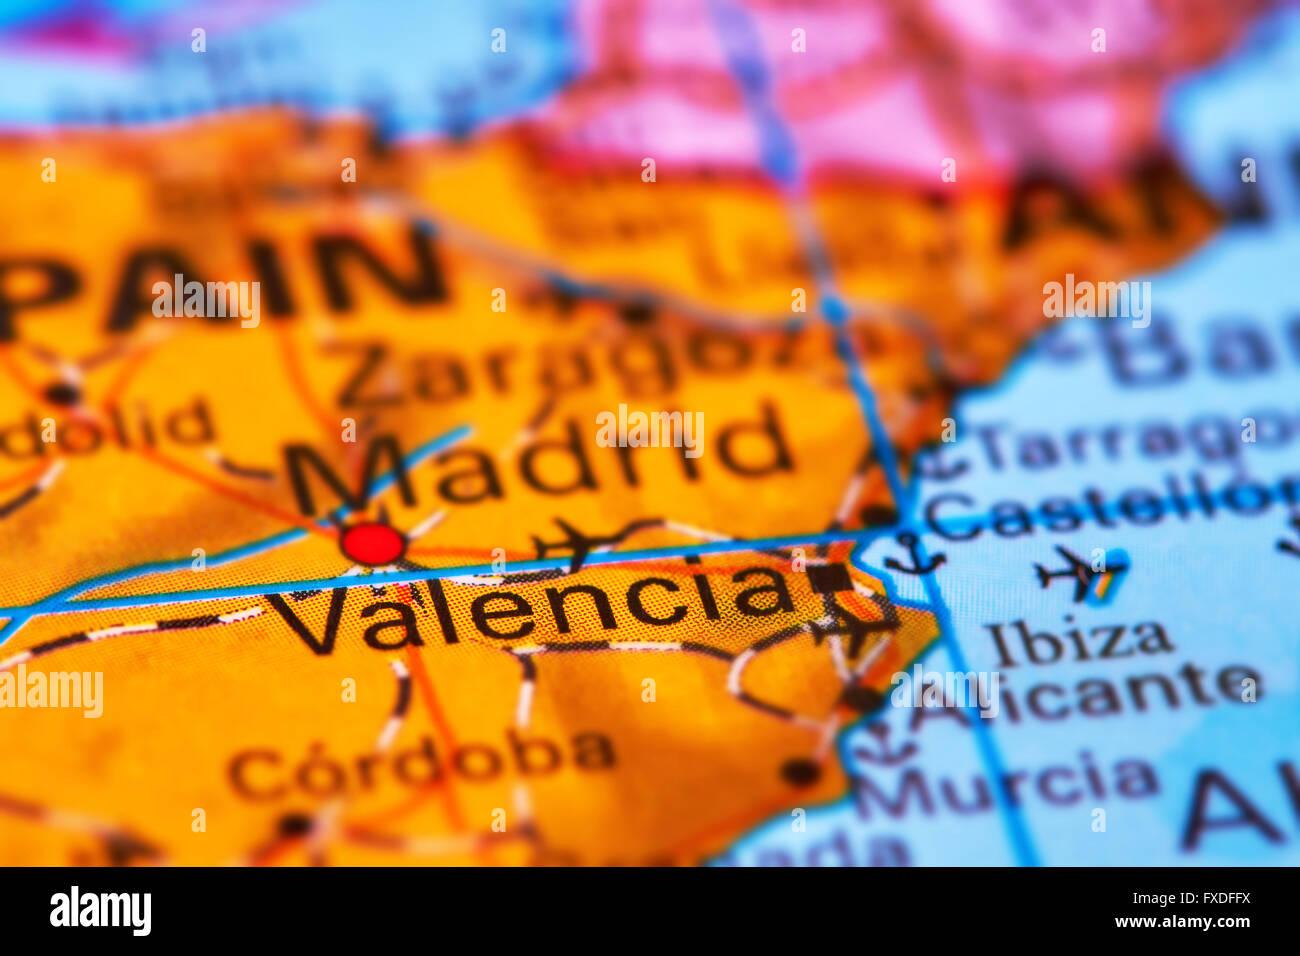 World Map Iberian Peninsula.Valencia City In Spain On The Iberian Peninsula On The World Map